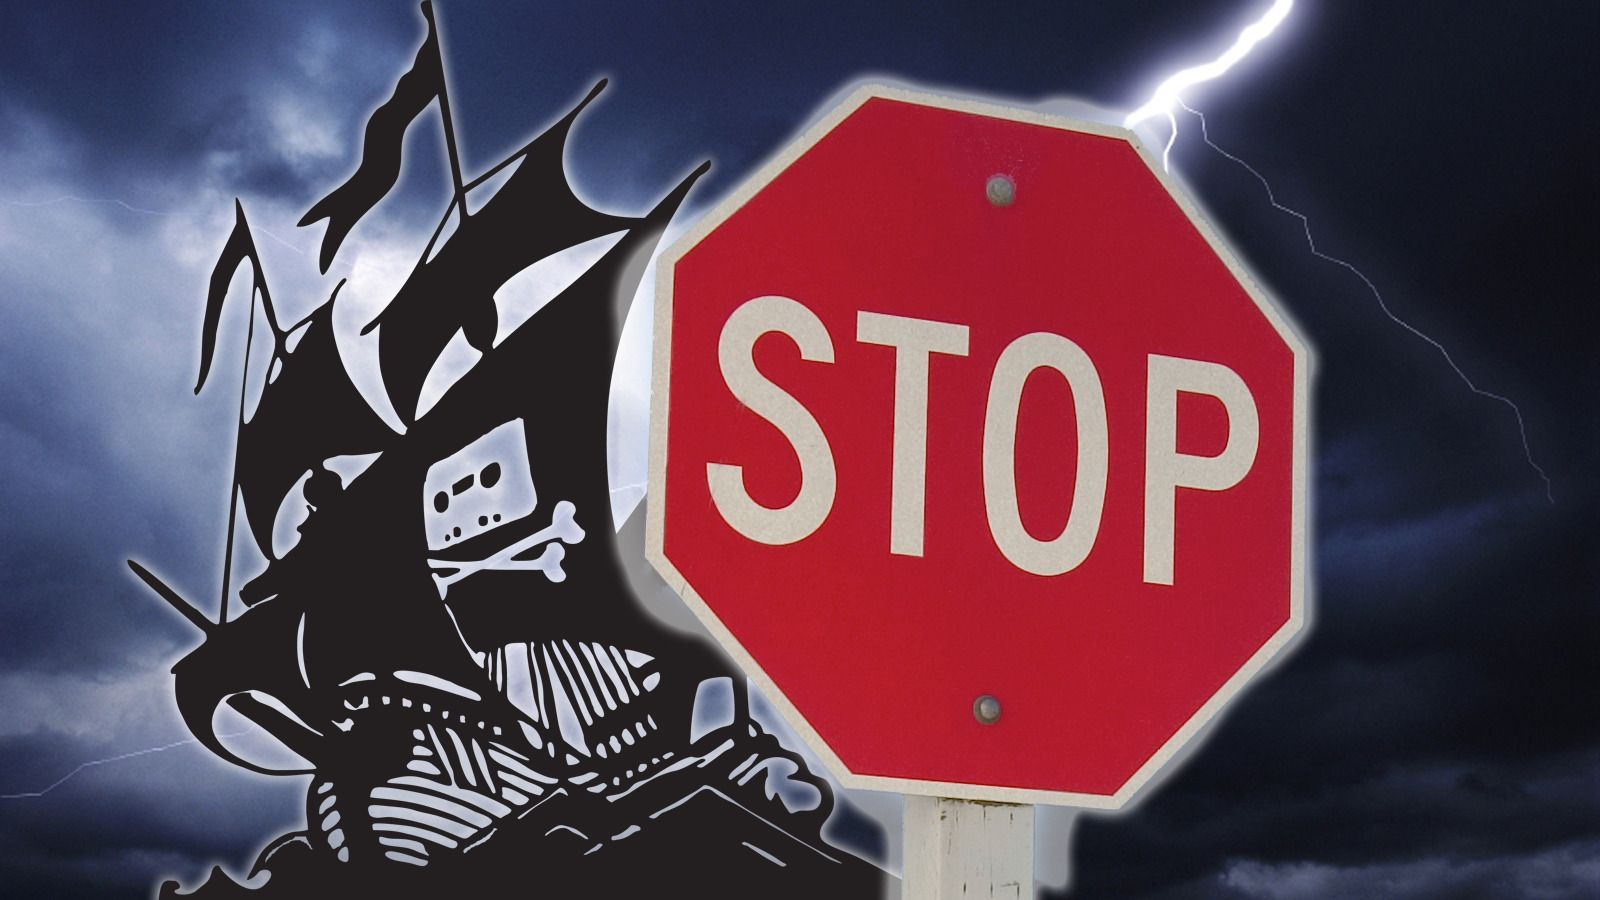 The Pirate Bay har nå blitt blokkert i Norge. Foto: The Pirate Bay og iStockphoto